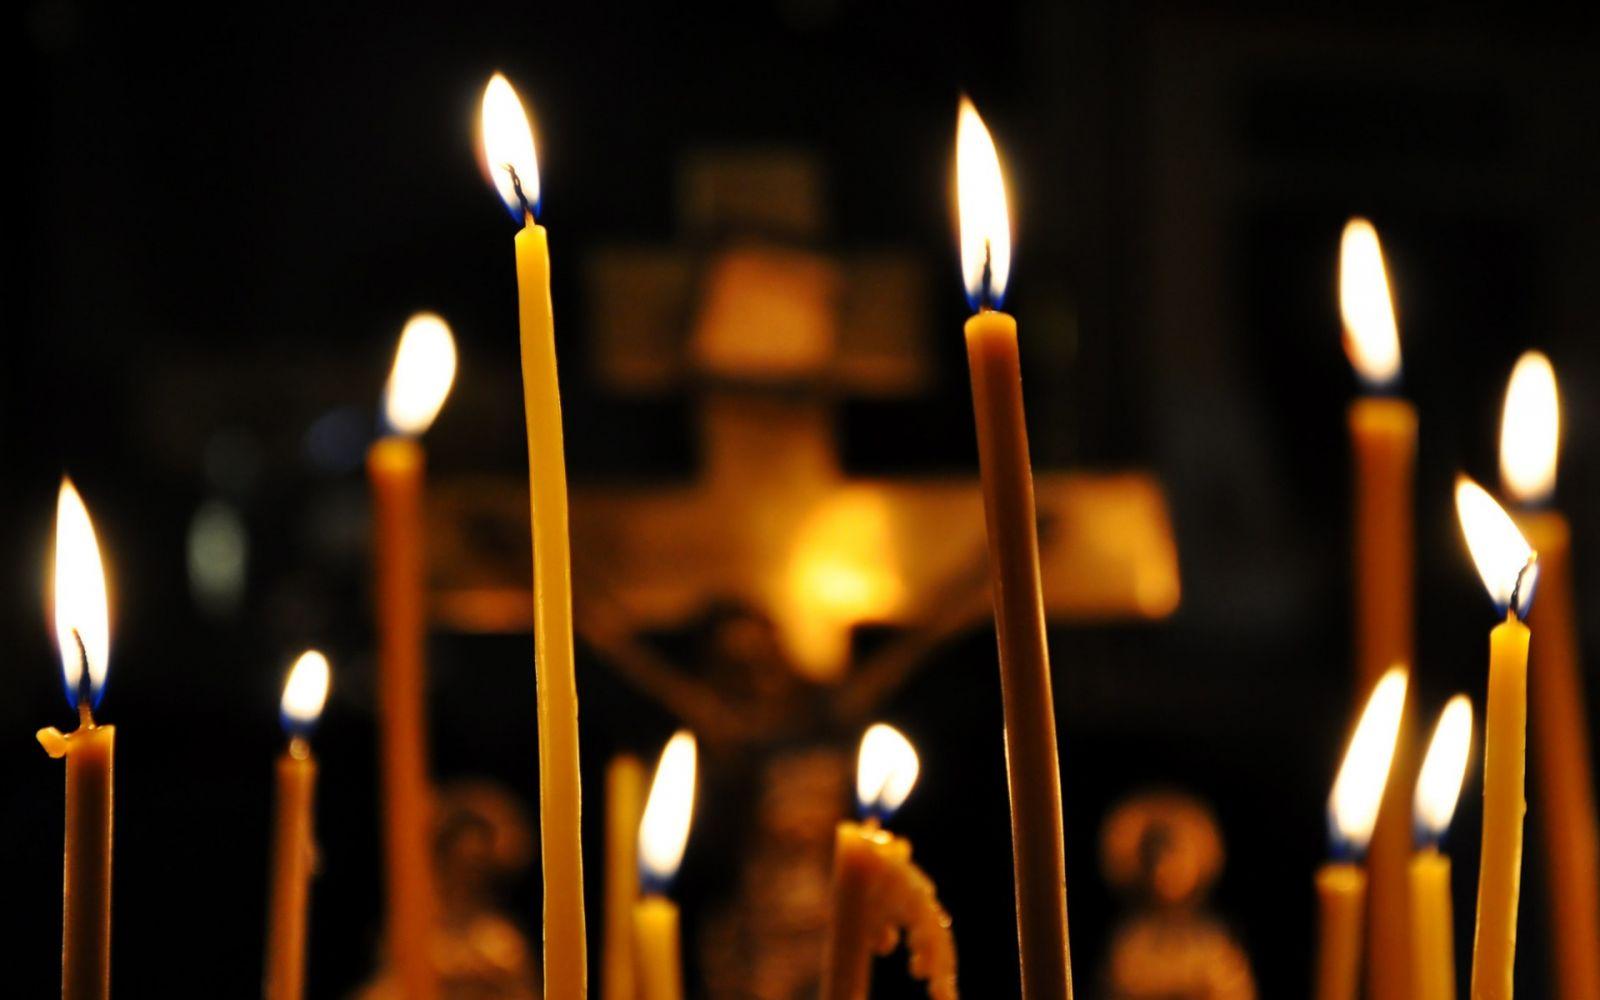 Пасха 2014 в Киеве: афиша и расписание богослужений - фото №7